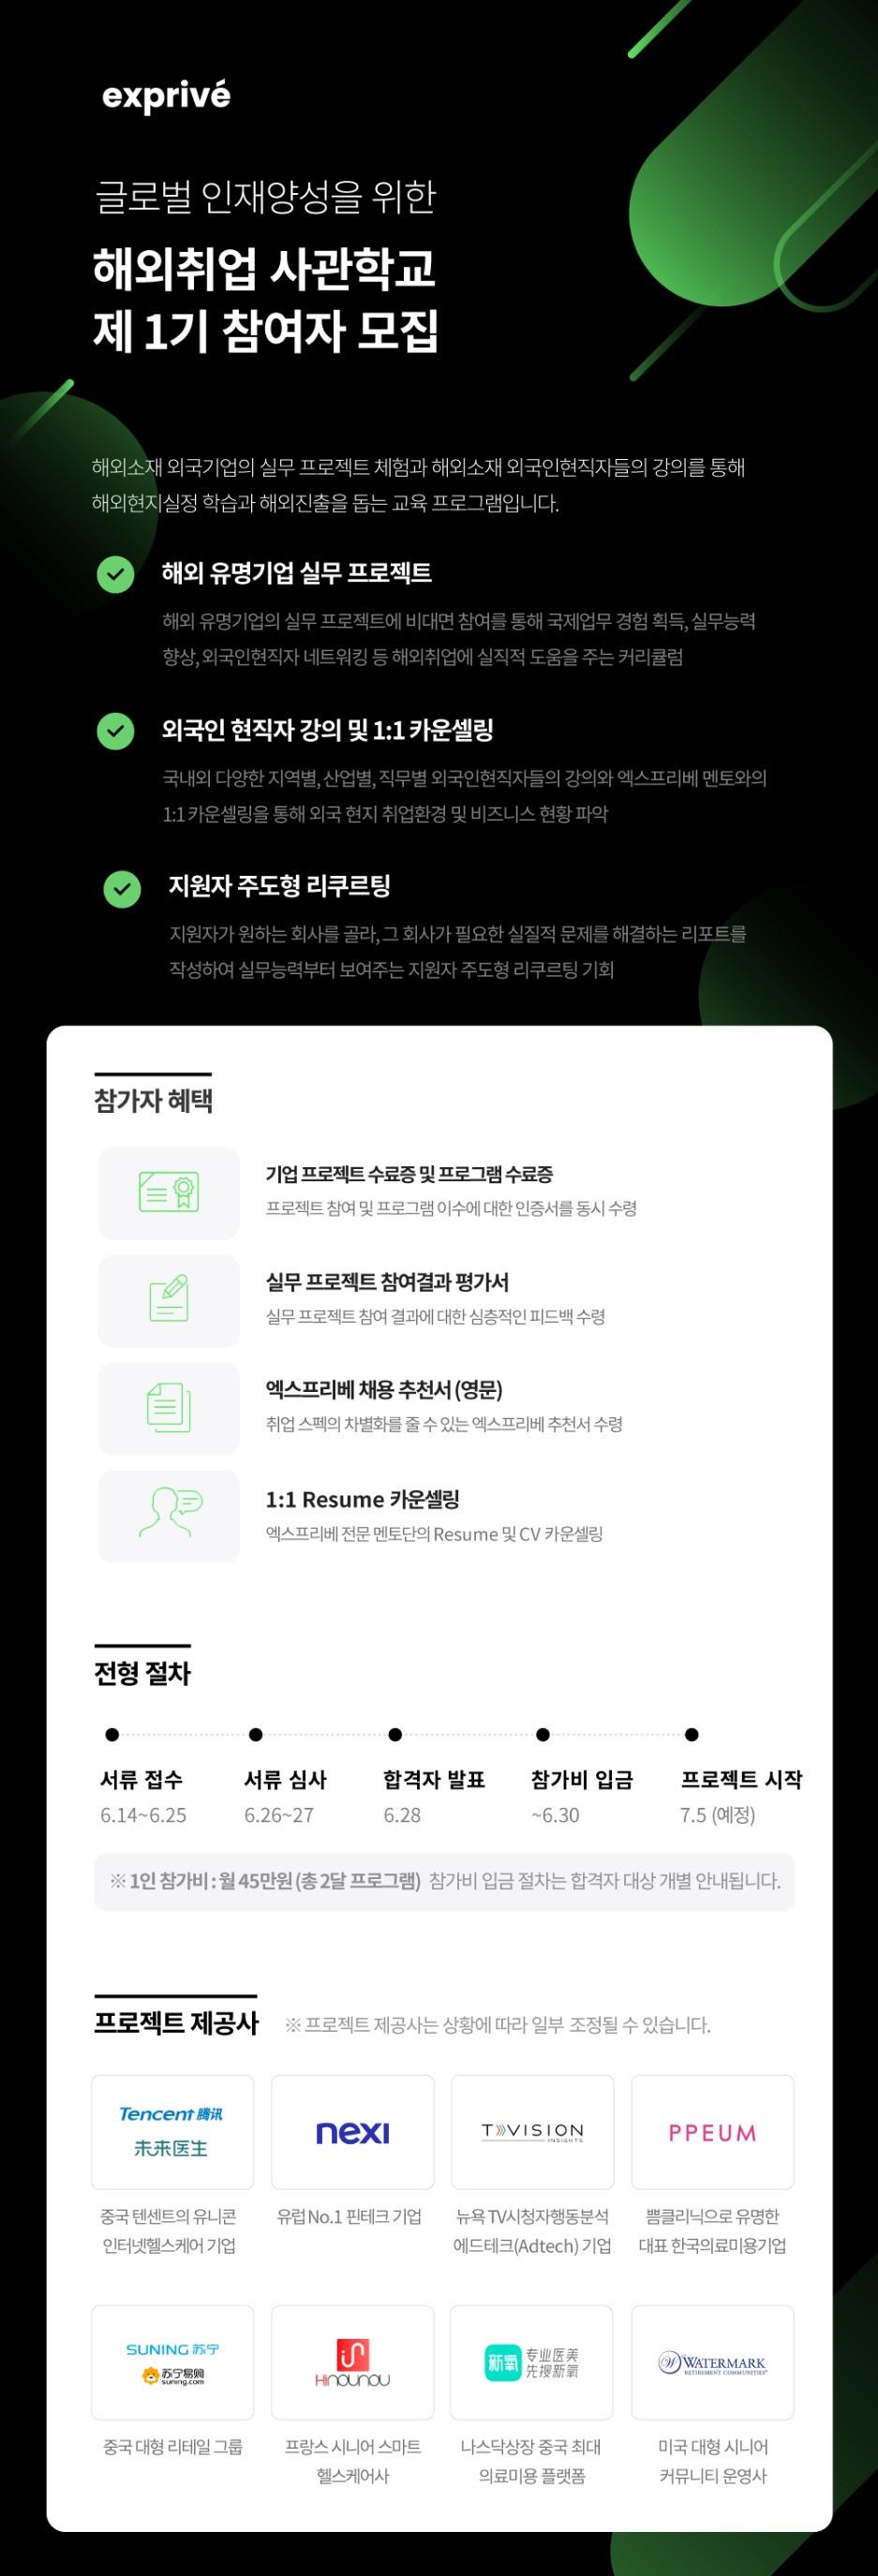 해외취업사관학교_홍보이미지_v2_edited.jpg